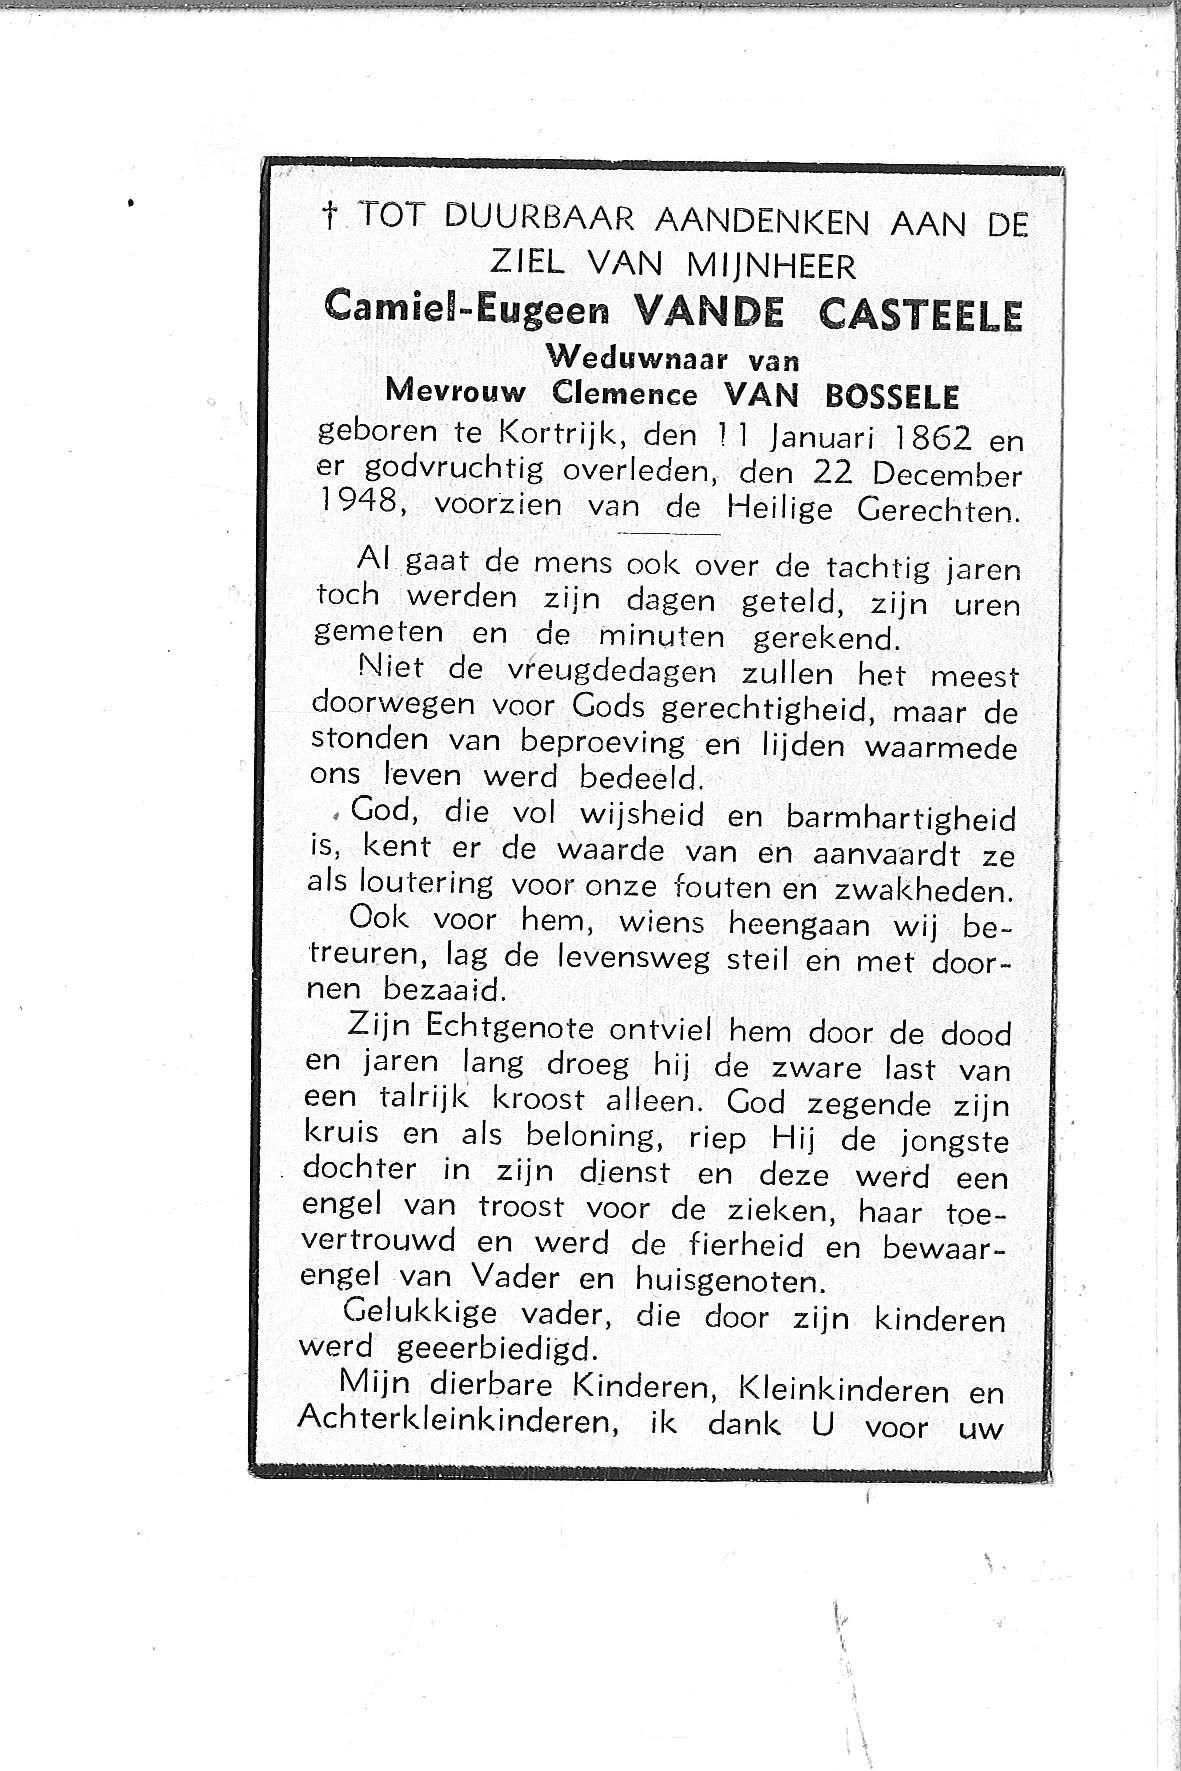 Camiel-Eugeen(1948)20140113094025_00022.jpg